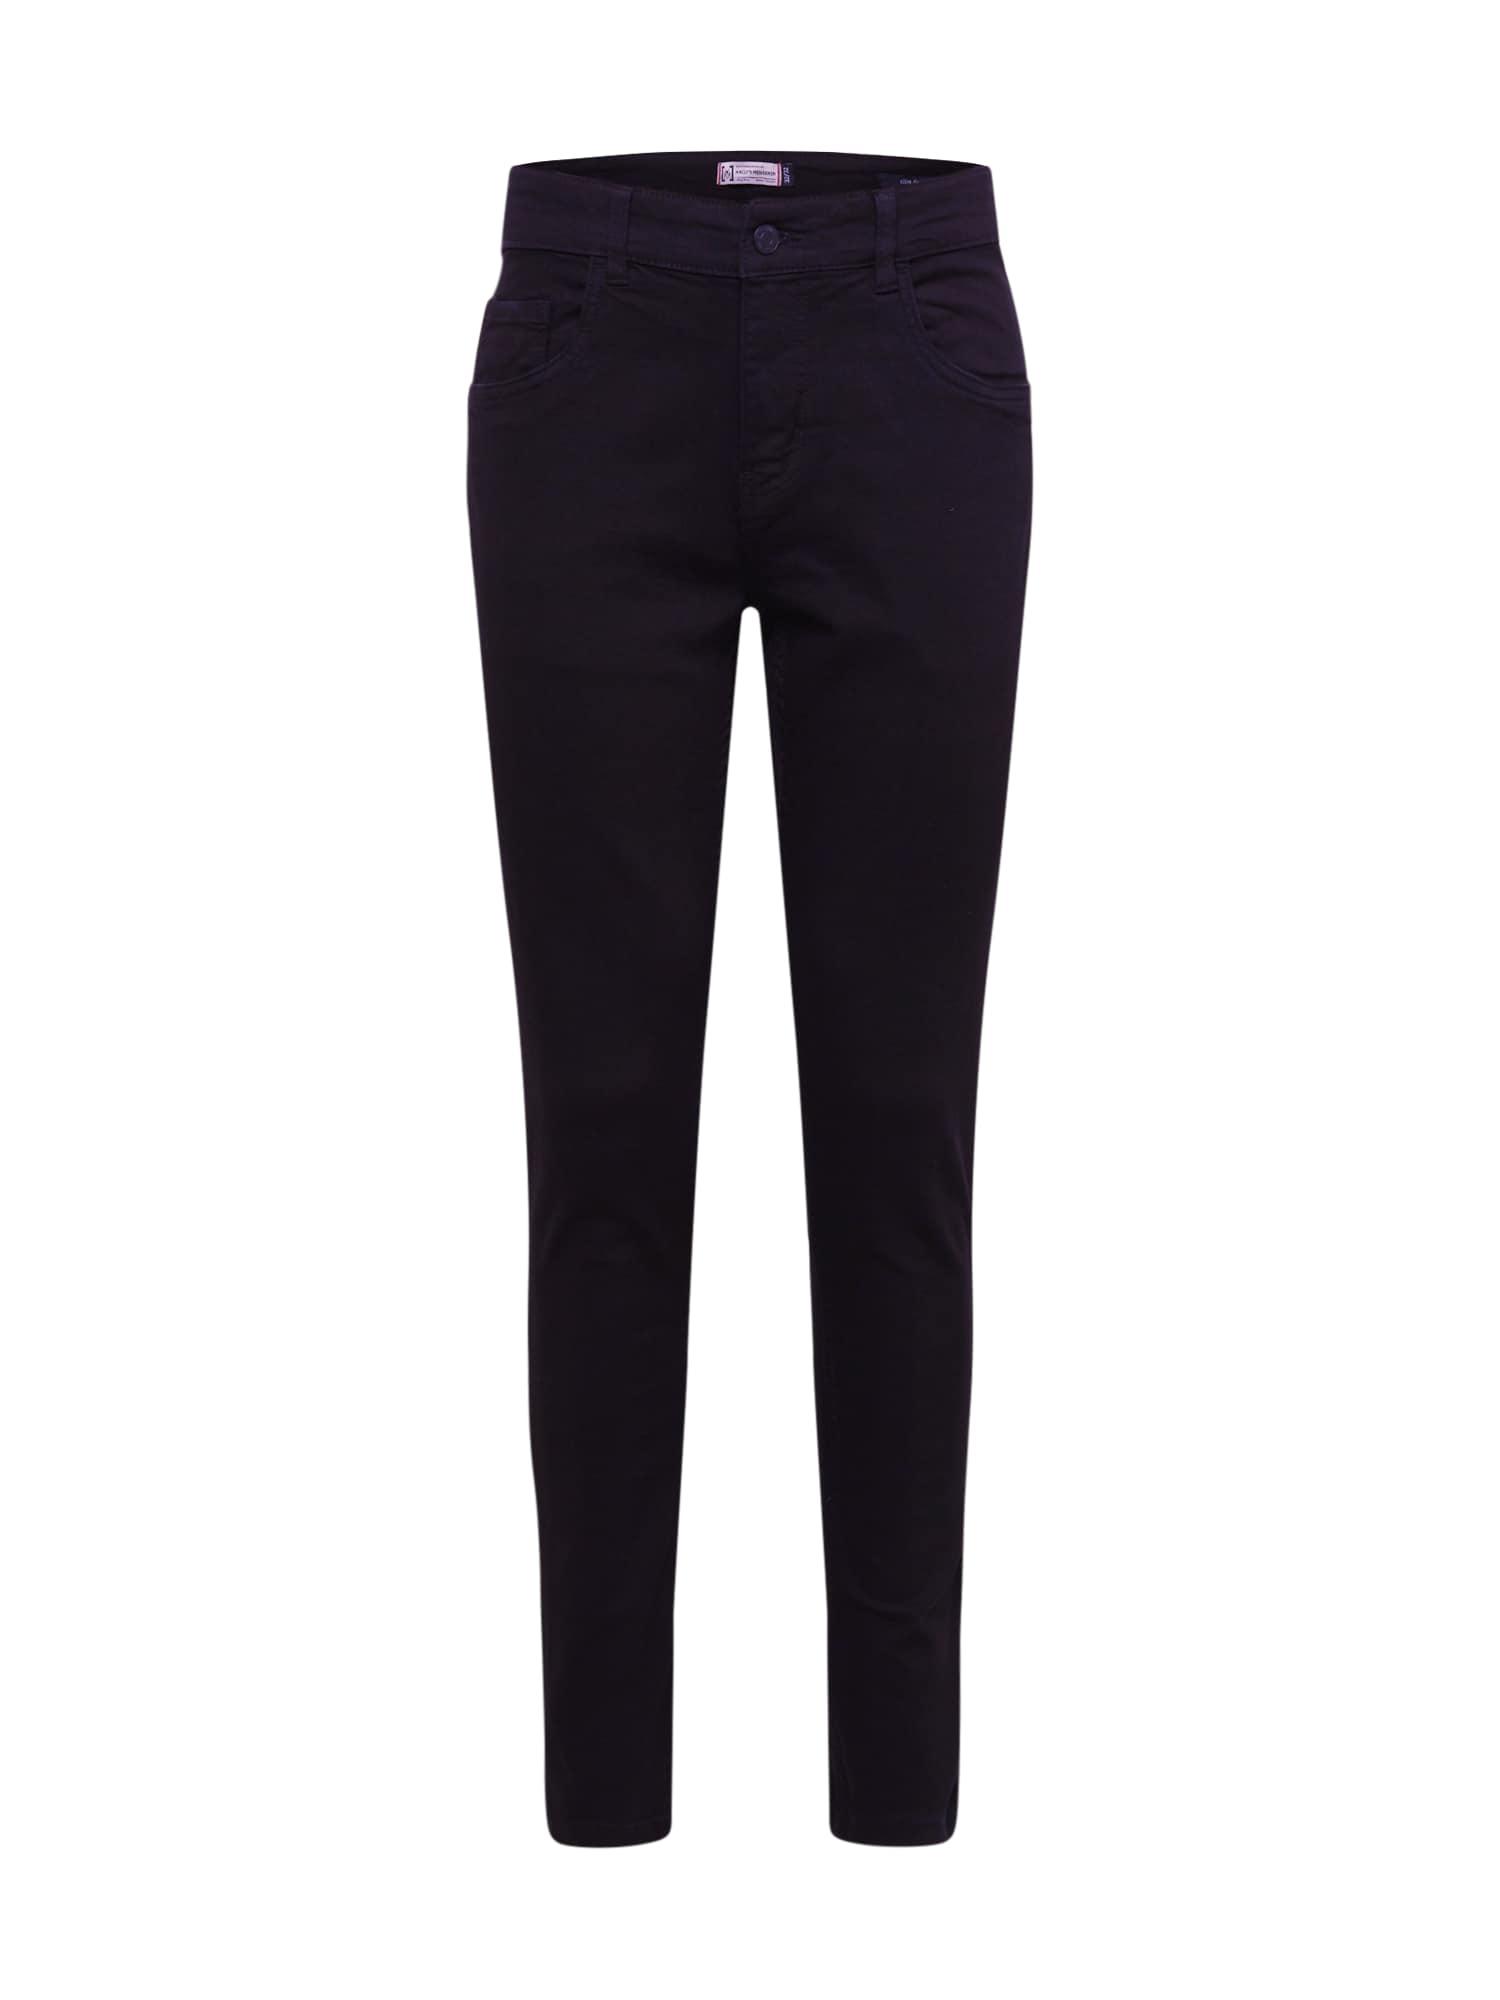 Hailys Men Džinsai 'Nero' juodo džinso spalva